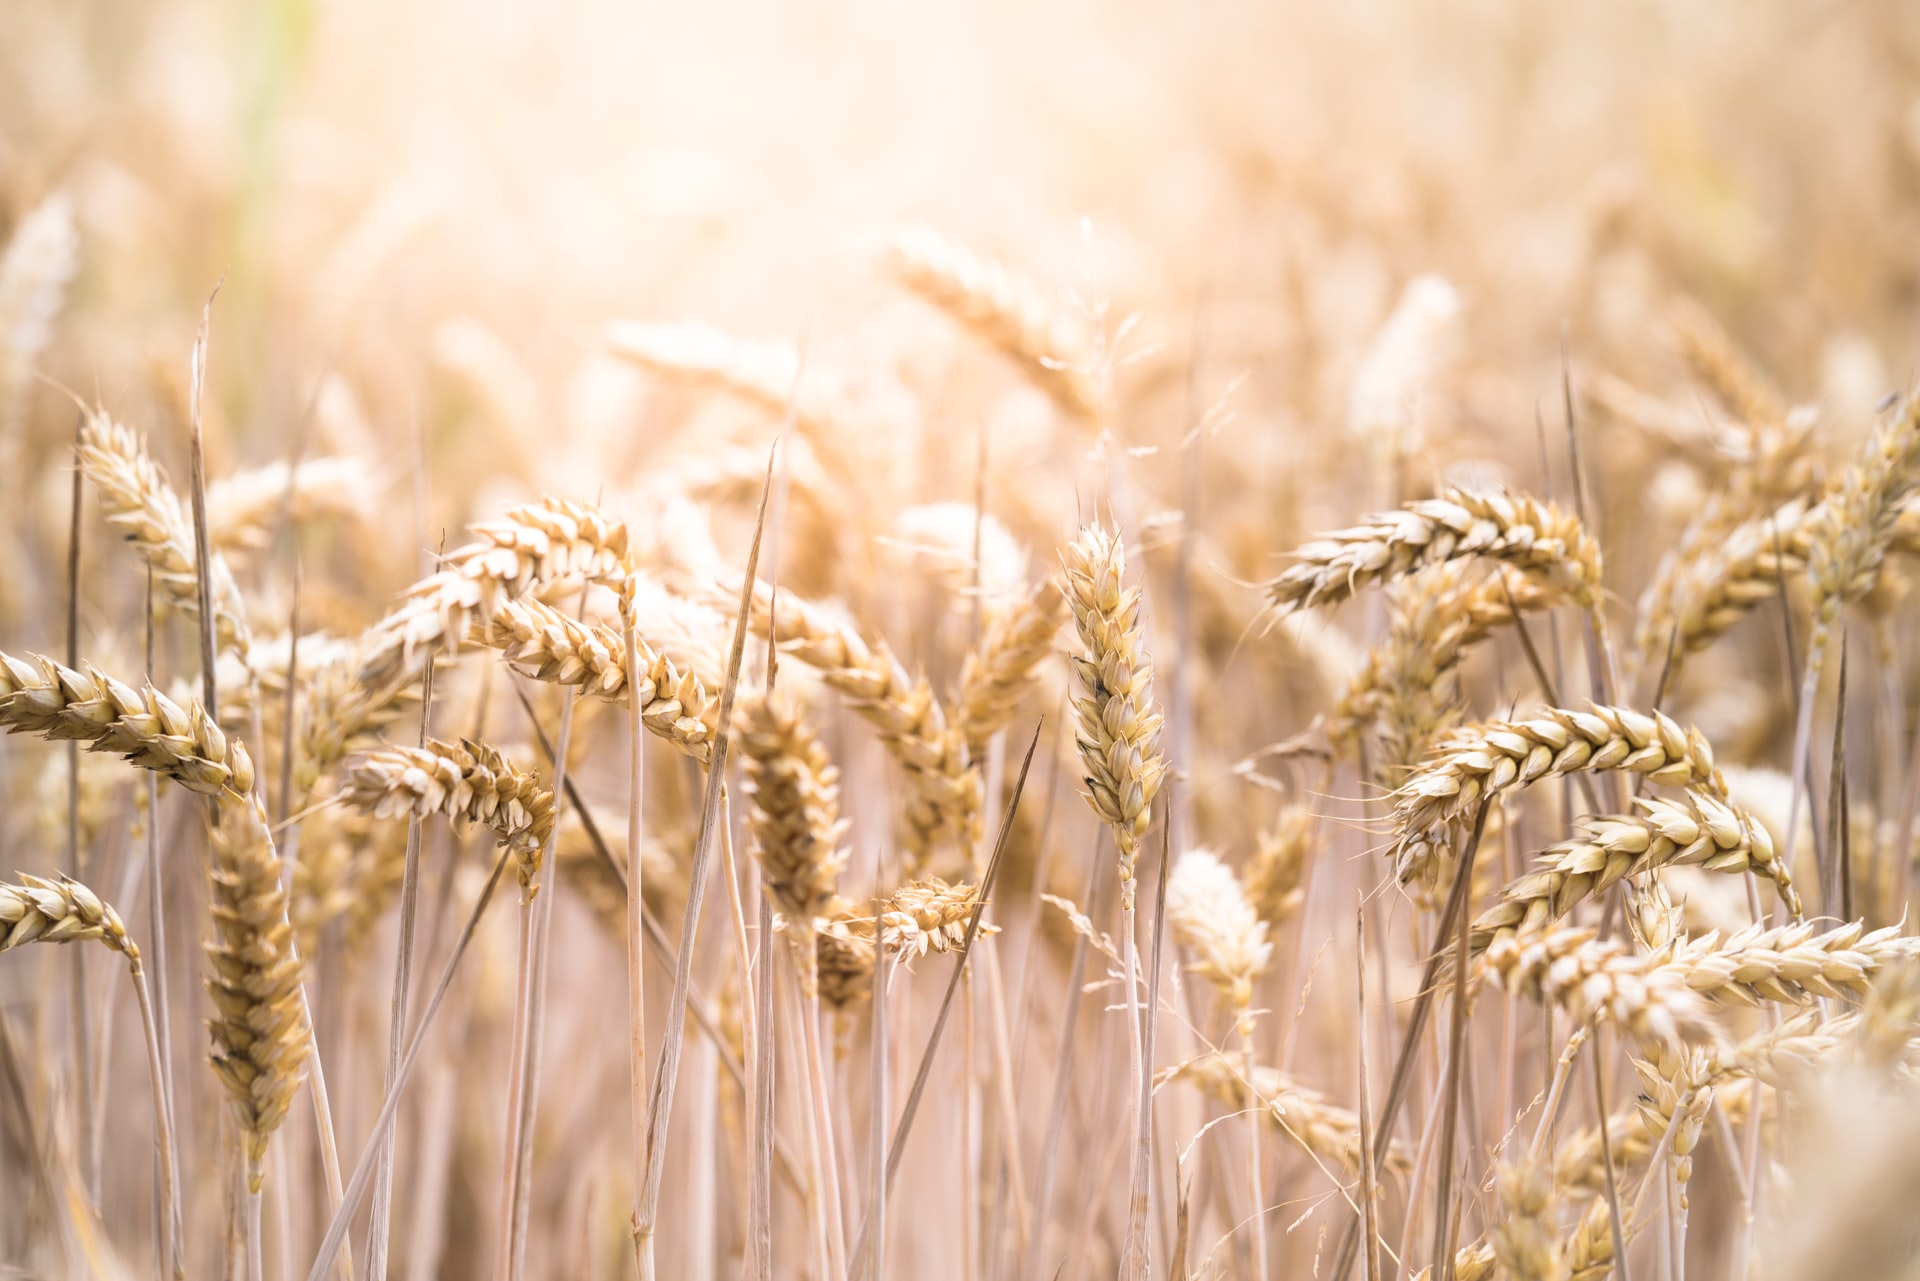 Wheat_06102021